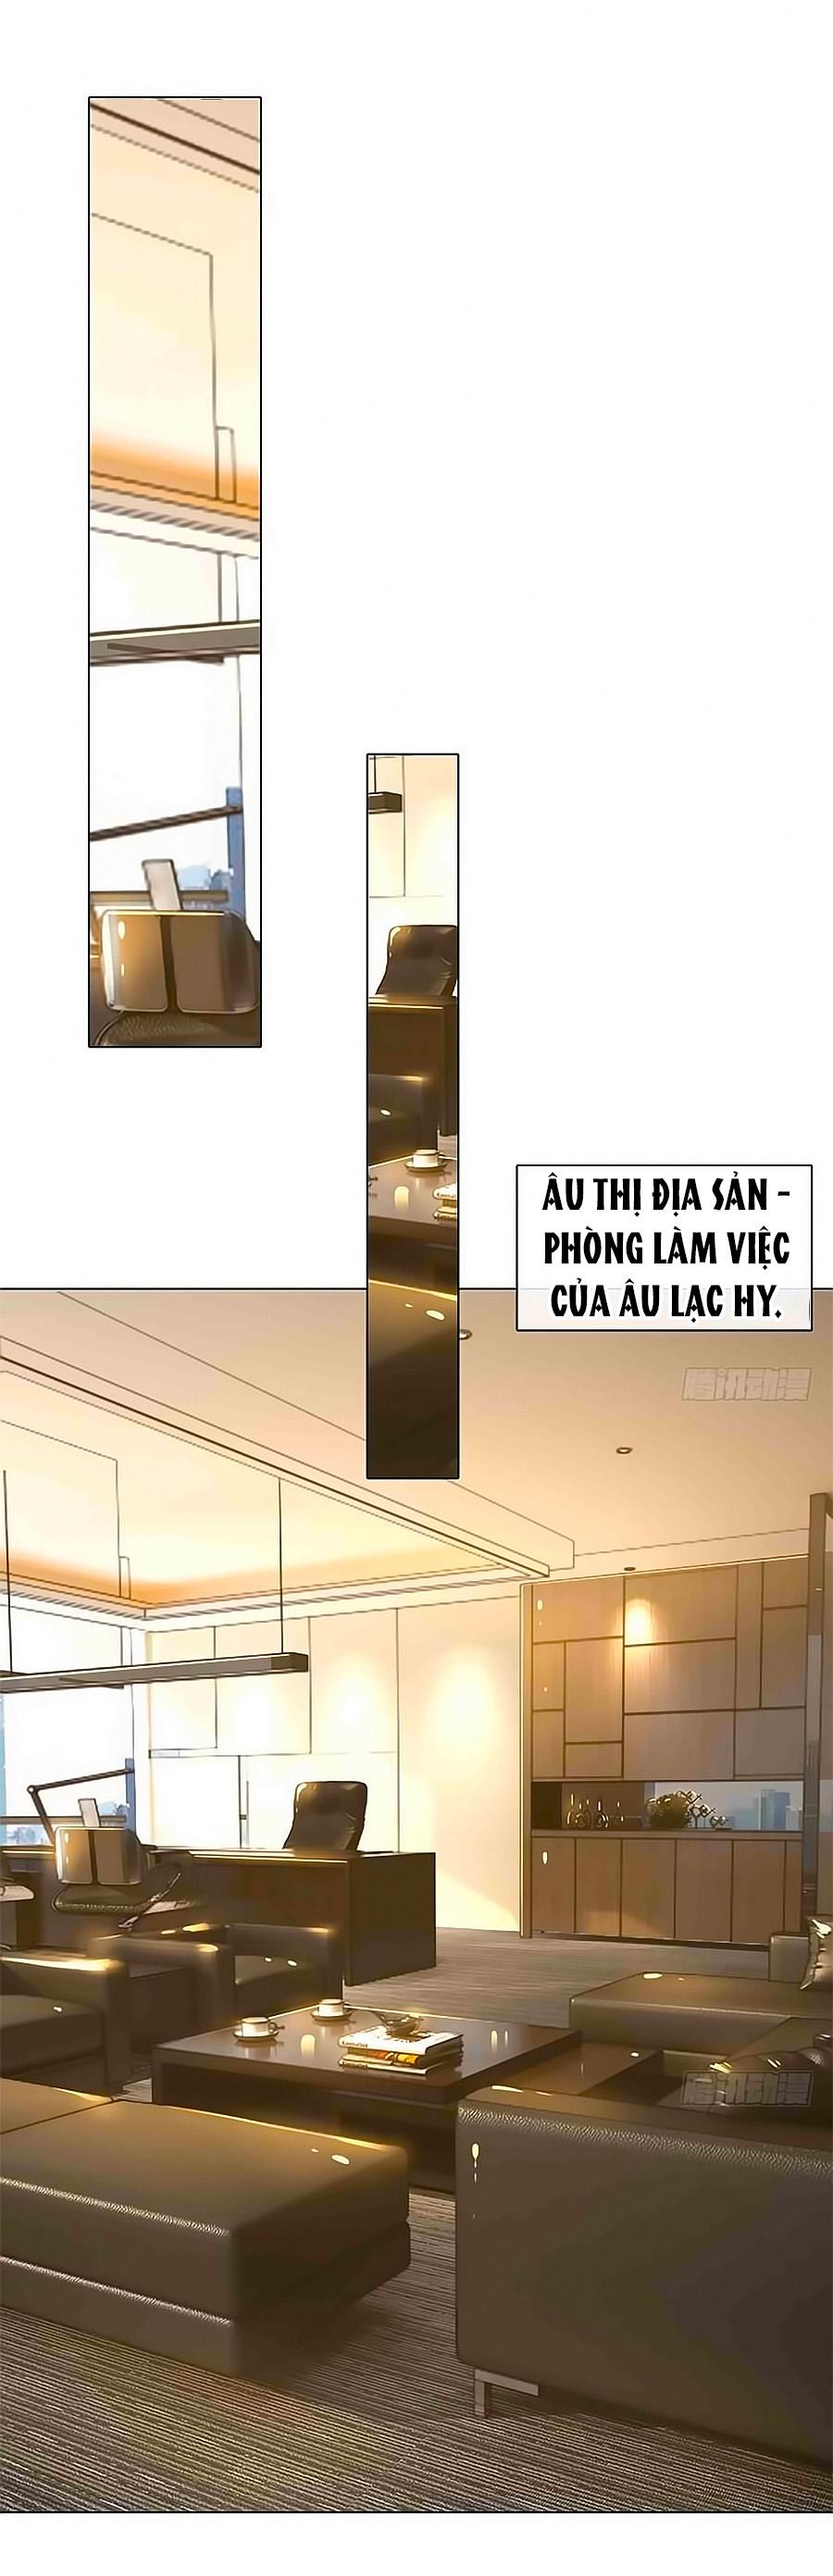 Hào Môn Tiểu Lãn Thê - Chap 58